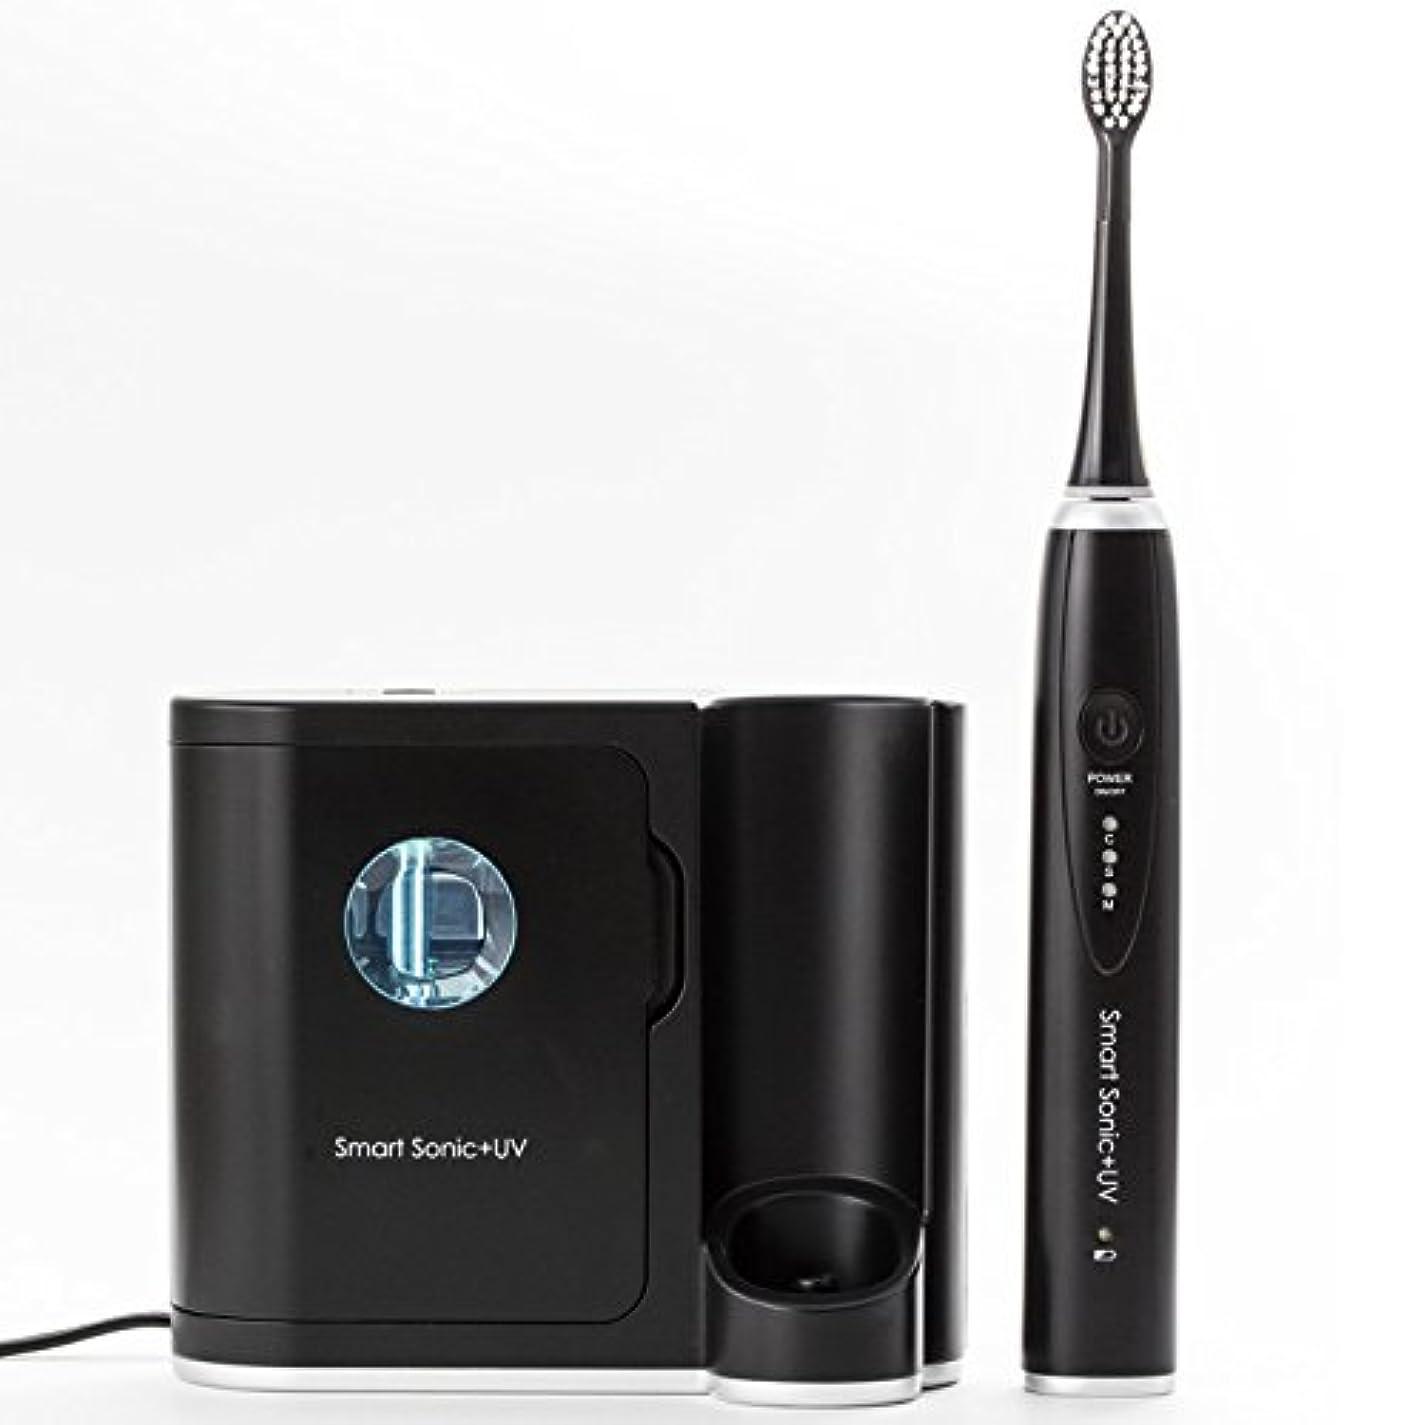 ブラジャー技術的な流音波歯ブラシ UV 紫外線除菌 歯ブラシ 殺菌機能付き 電動歯ブラシ スマートソニック プラス UV Smart Sonic UV